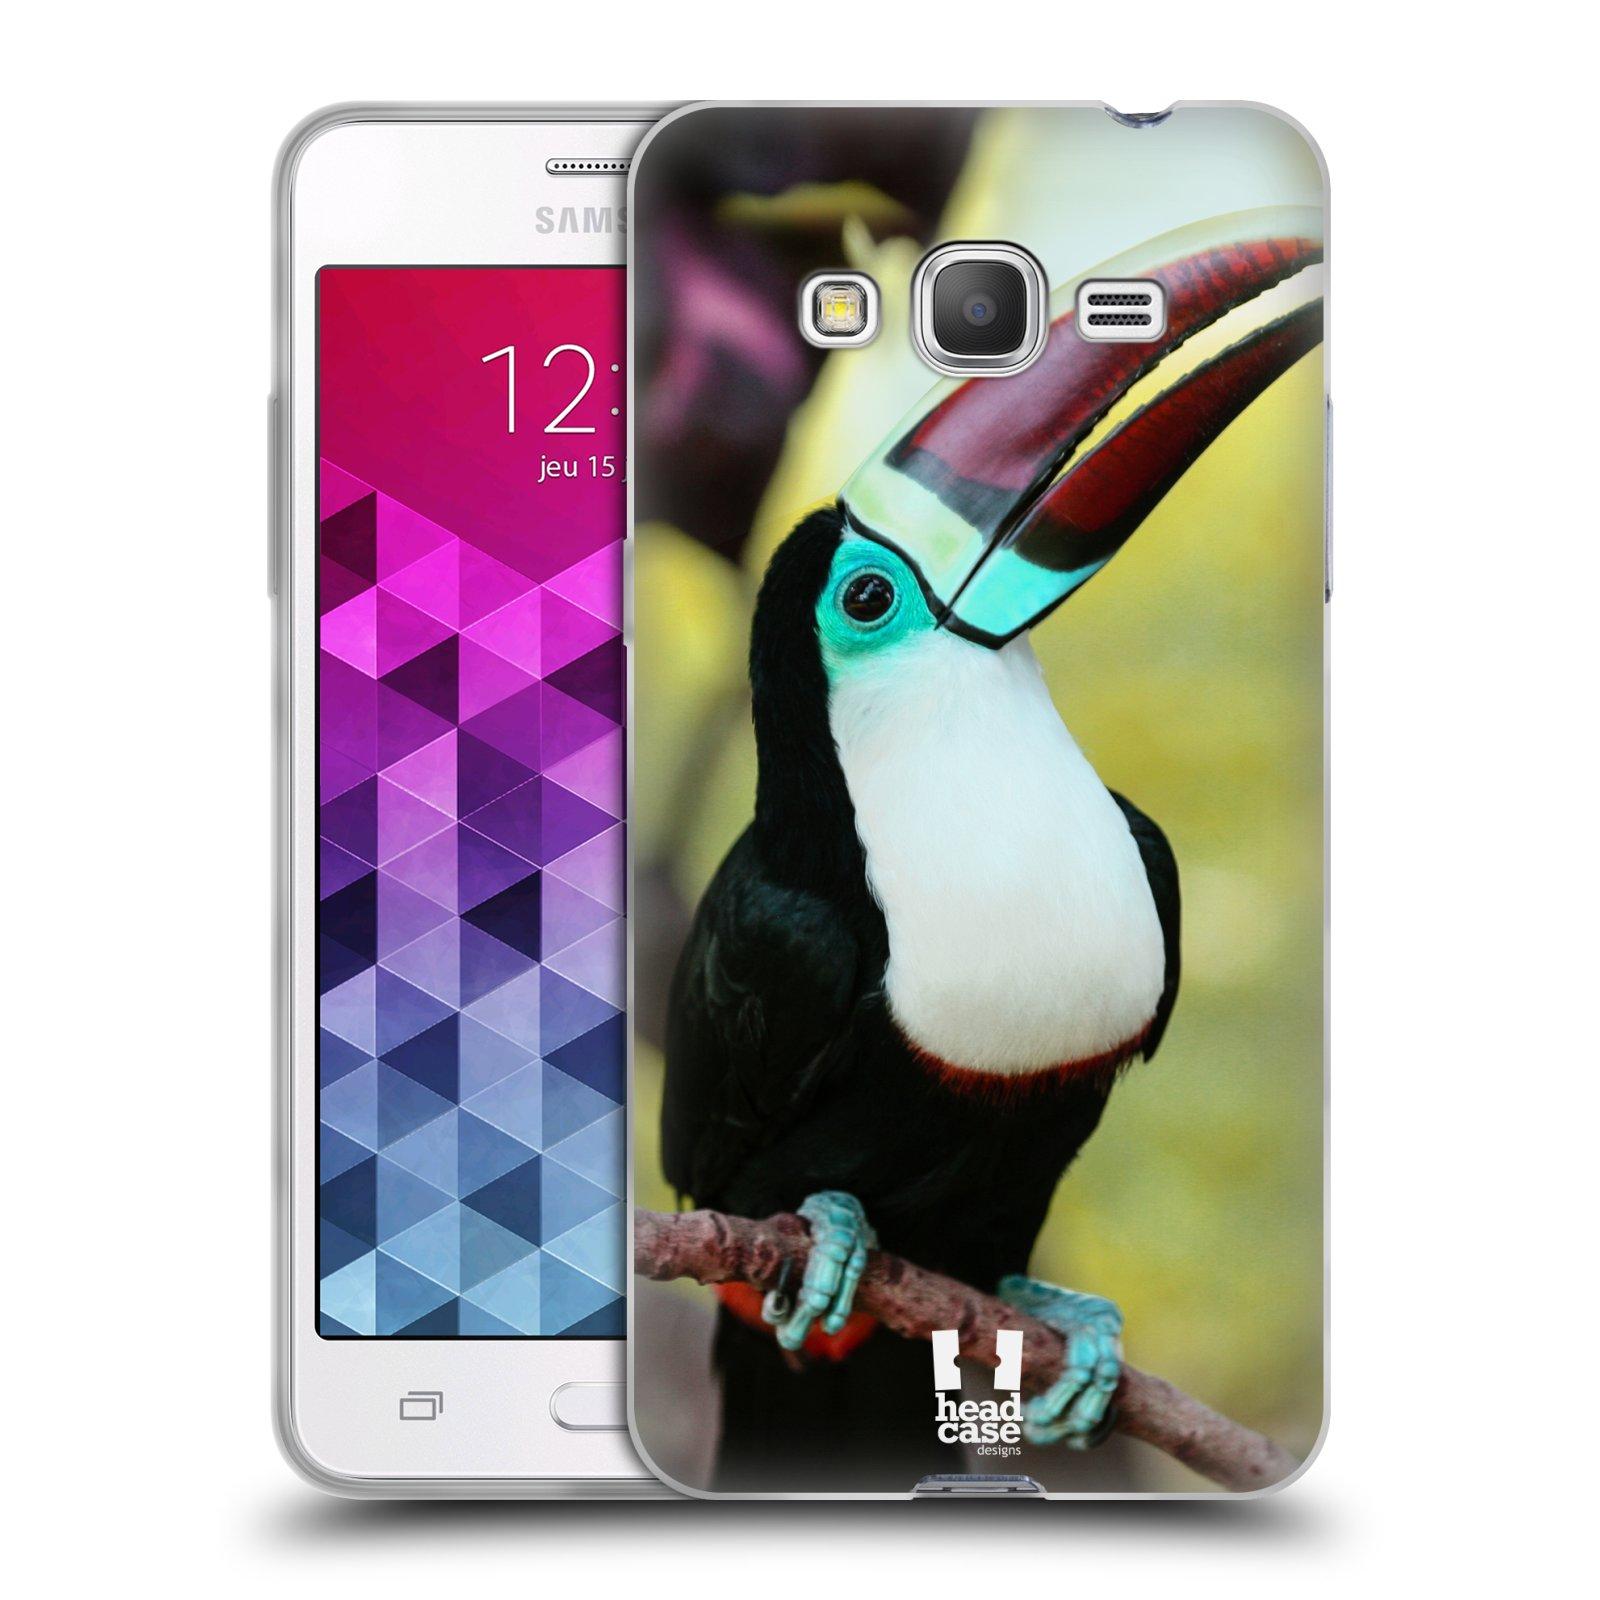 HEAD CASE silikonový obal na mobil Samsung Galaxy GRAND PRIME vzor slavná zvířata foto tukan